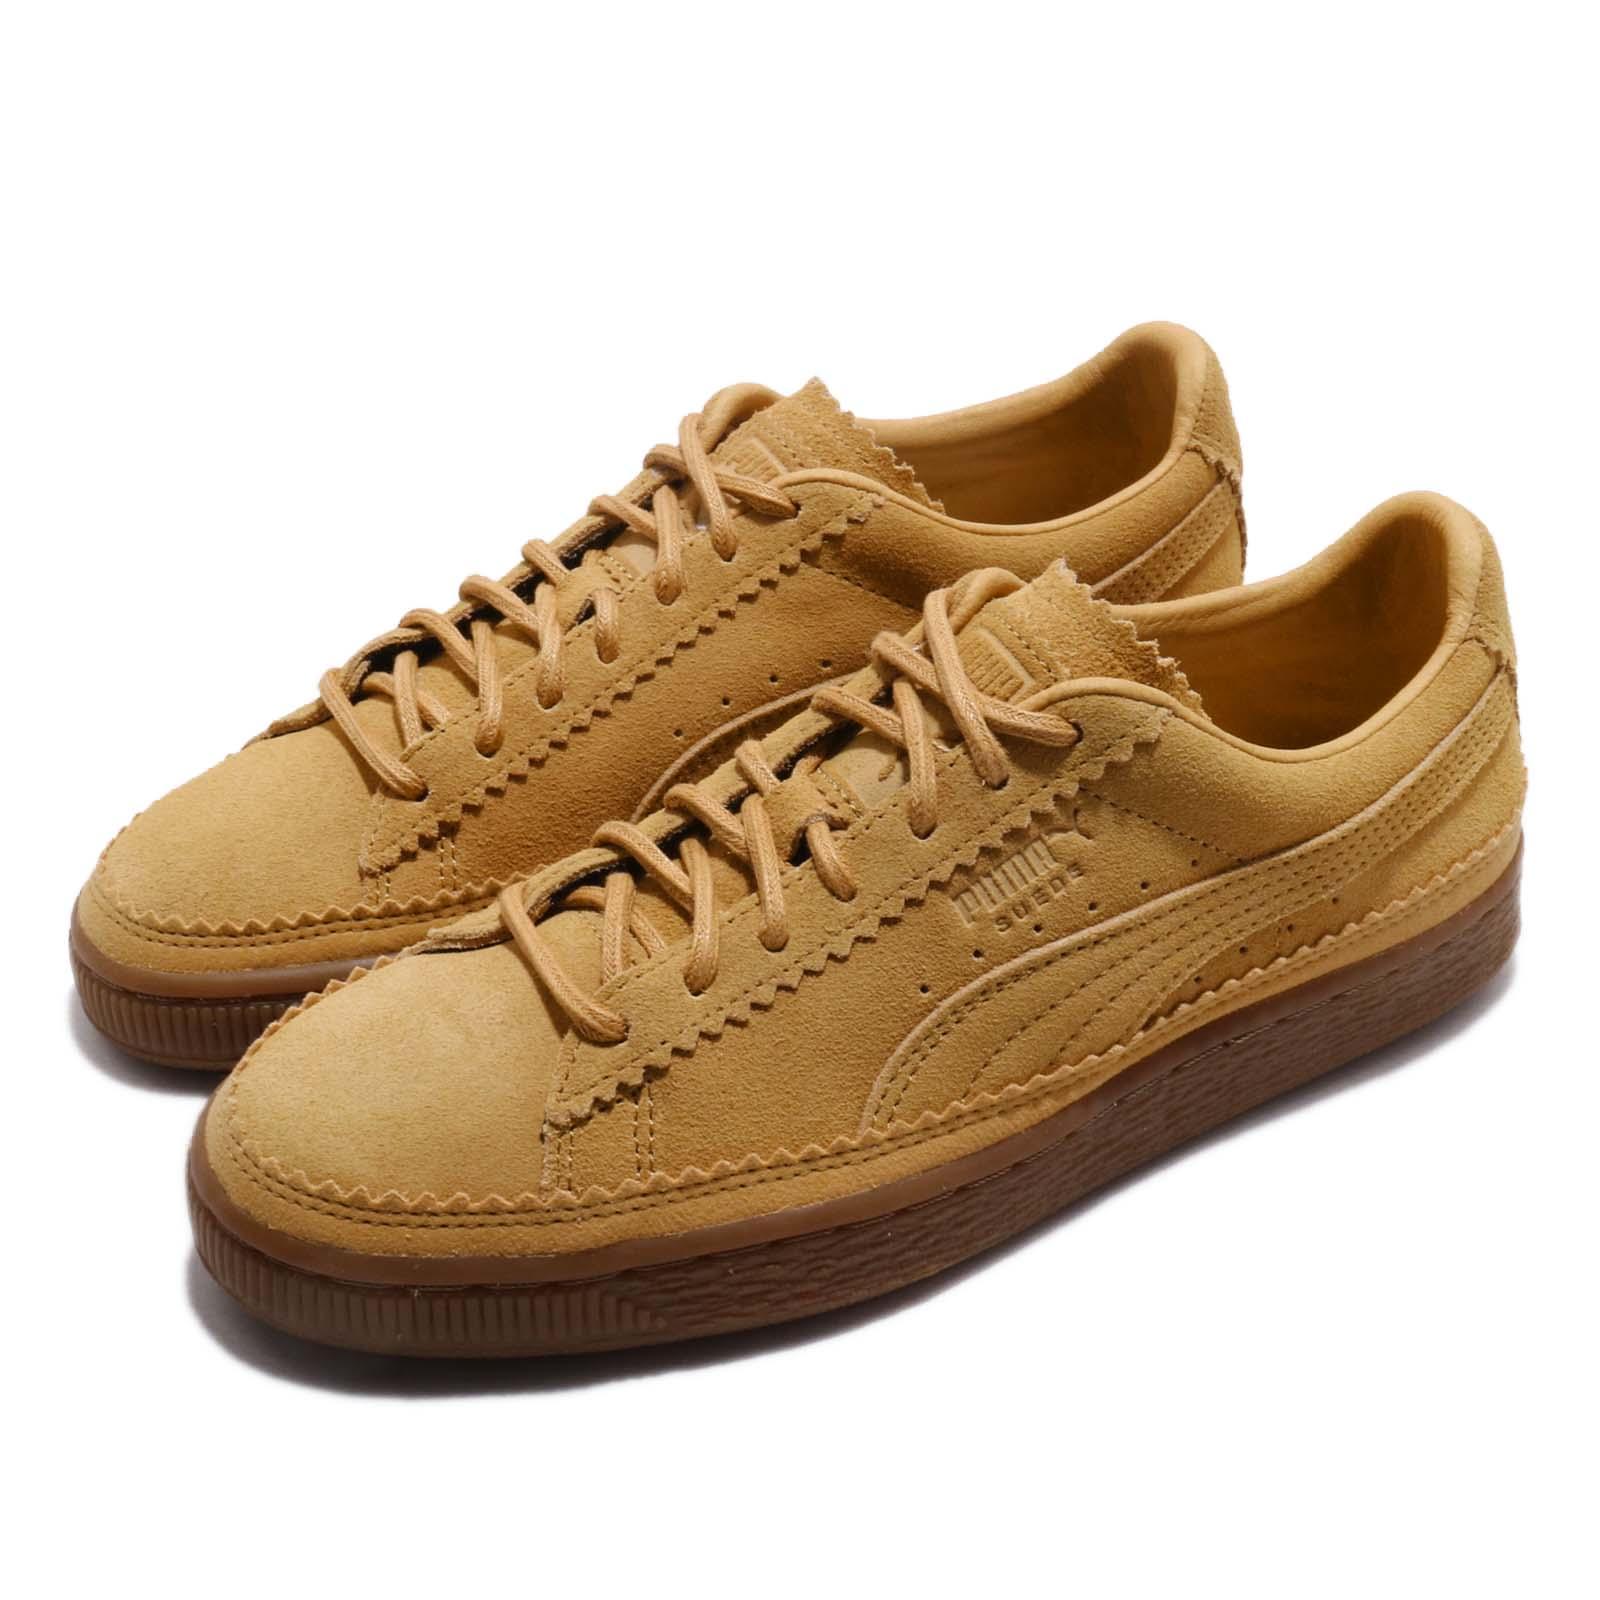 Puma 休閒鞋 Suede Classic 運動 男女鞋 36663103